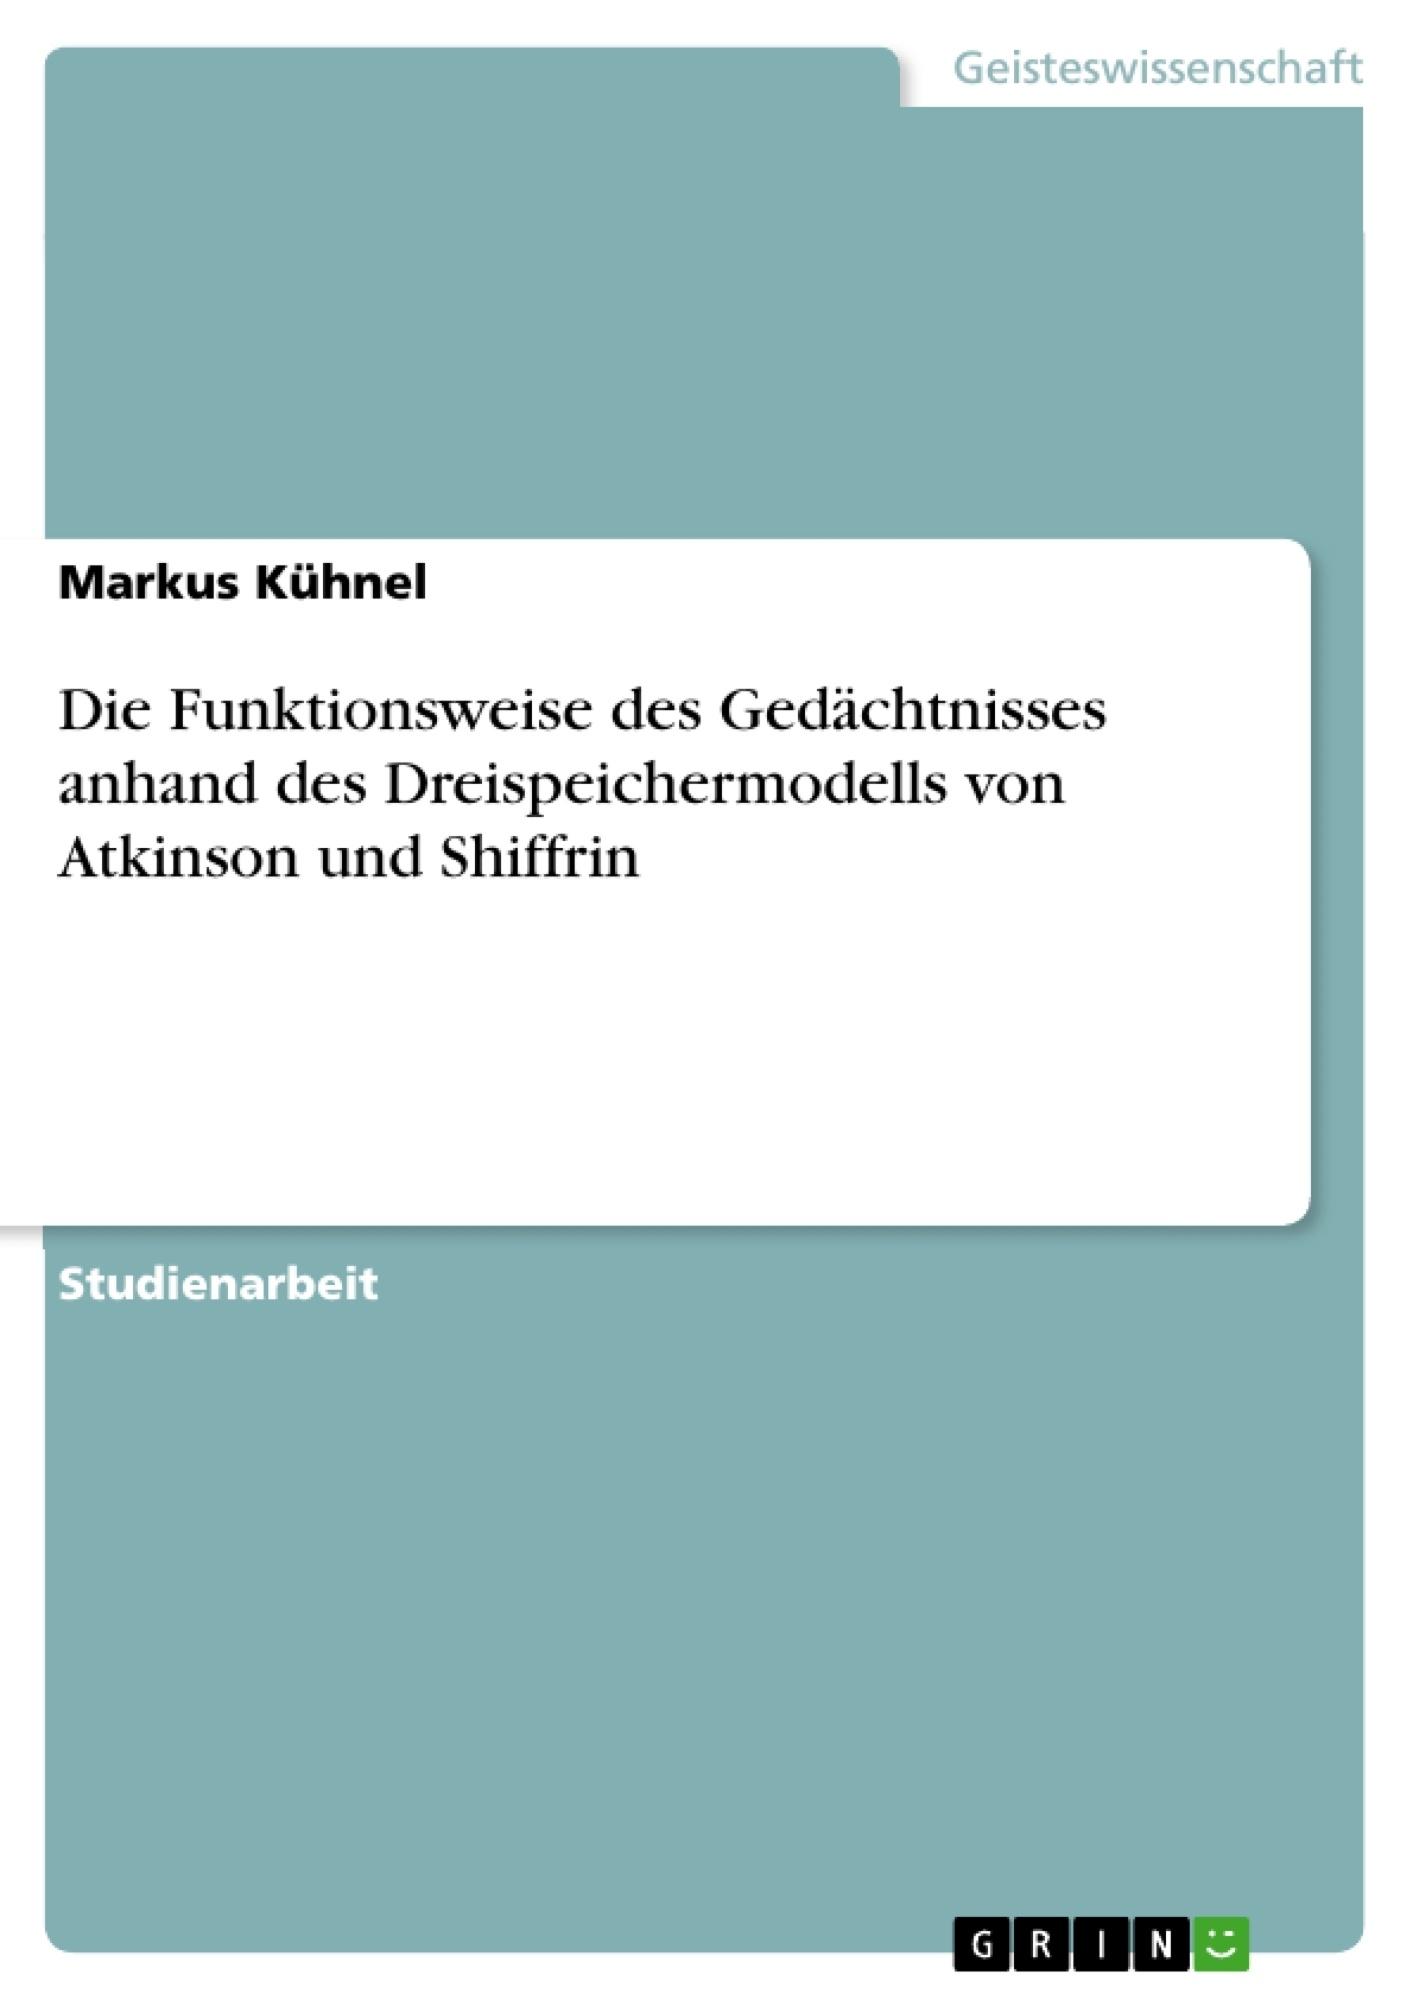 Titel: Die Funktionsweise des Gedächtnisses anhand des Dreispeichermodells von Atkinson und Shiffrin